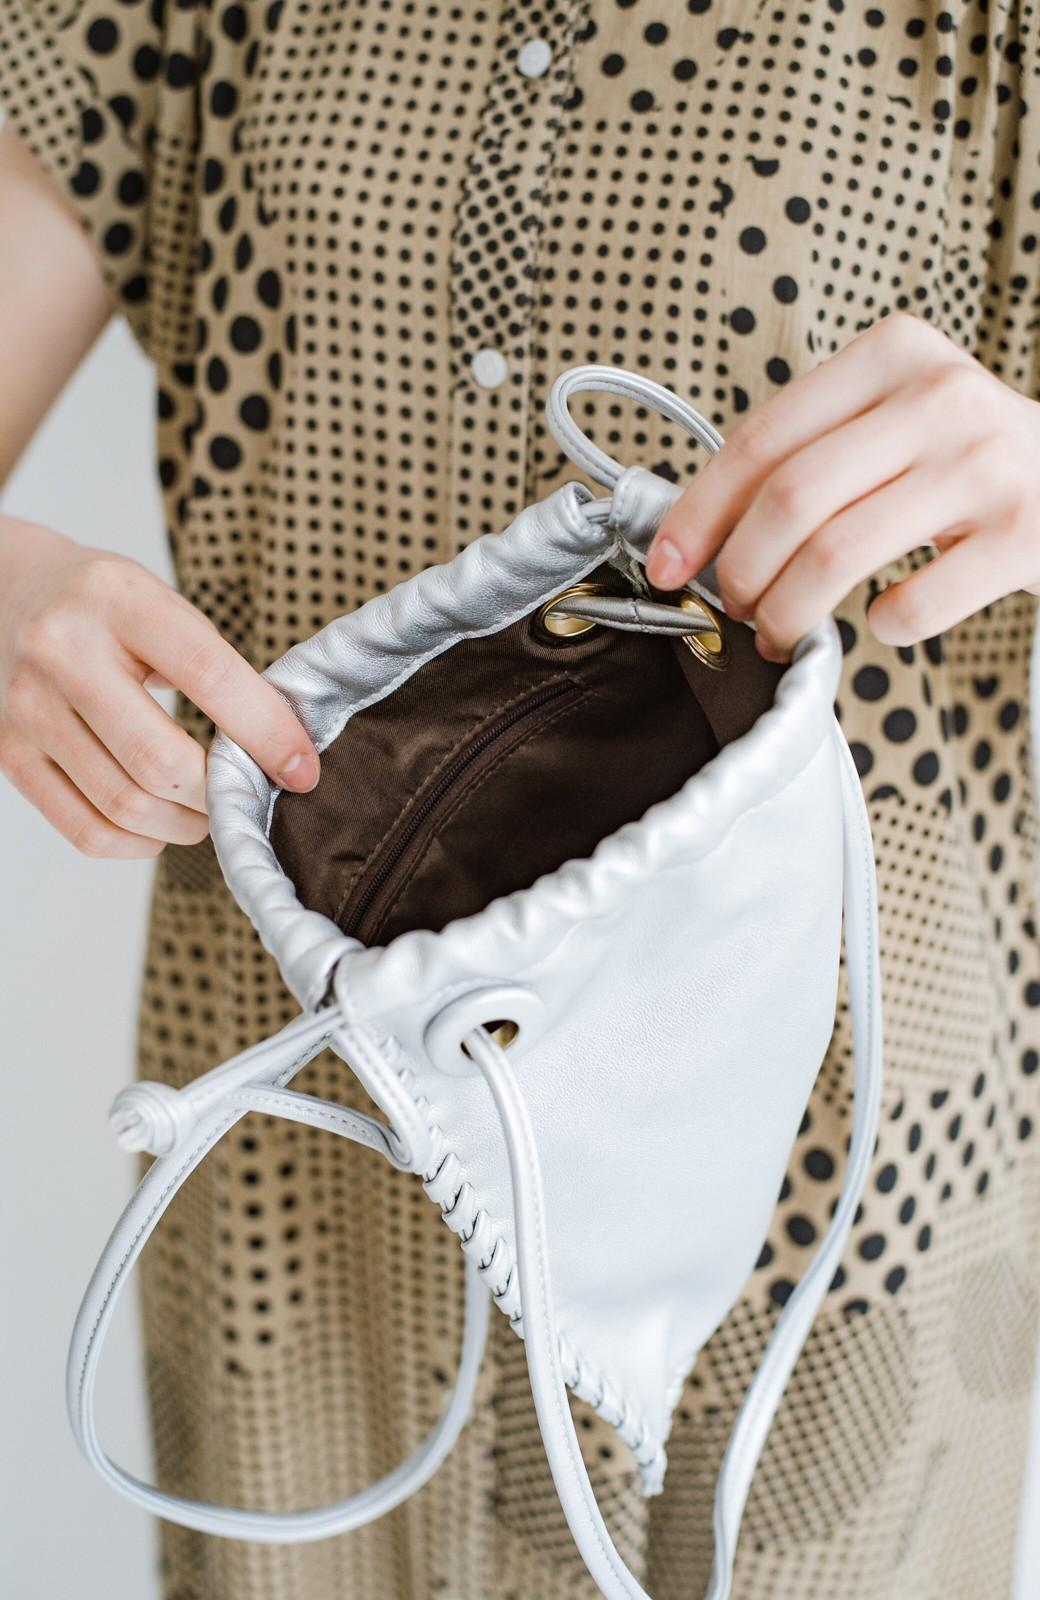 haco! スマホもお財布もちゃんと入ってコーデのポイントになる 2WAYミニポシェット <シルバー>の商品写真7